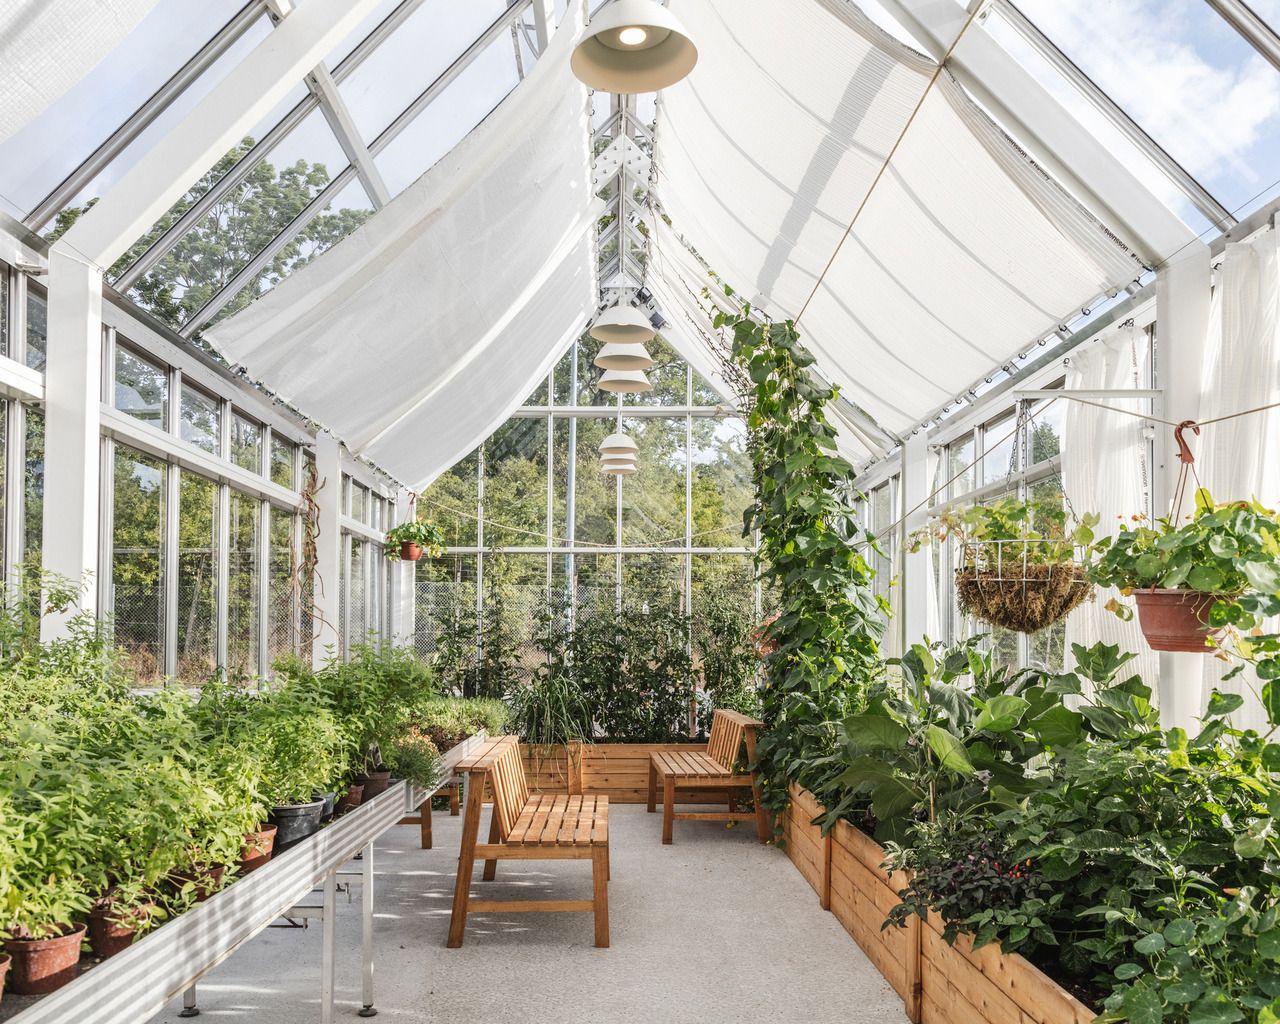 Epingle Par Sophie Rieutord Sur Pergolas Ma Maison De Reve Serre Bricolage Maison Verte